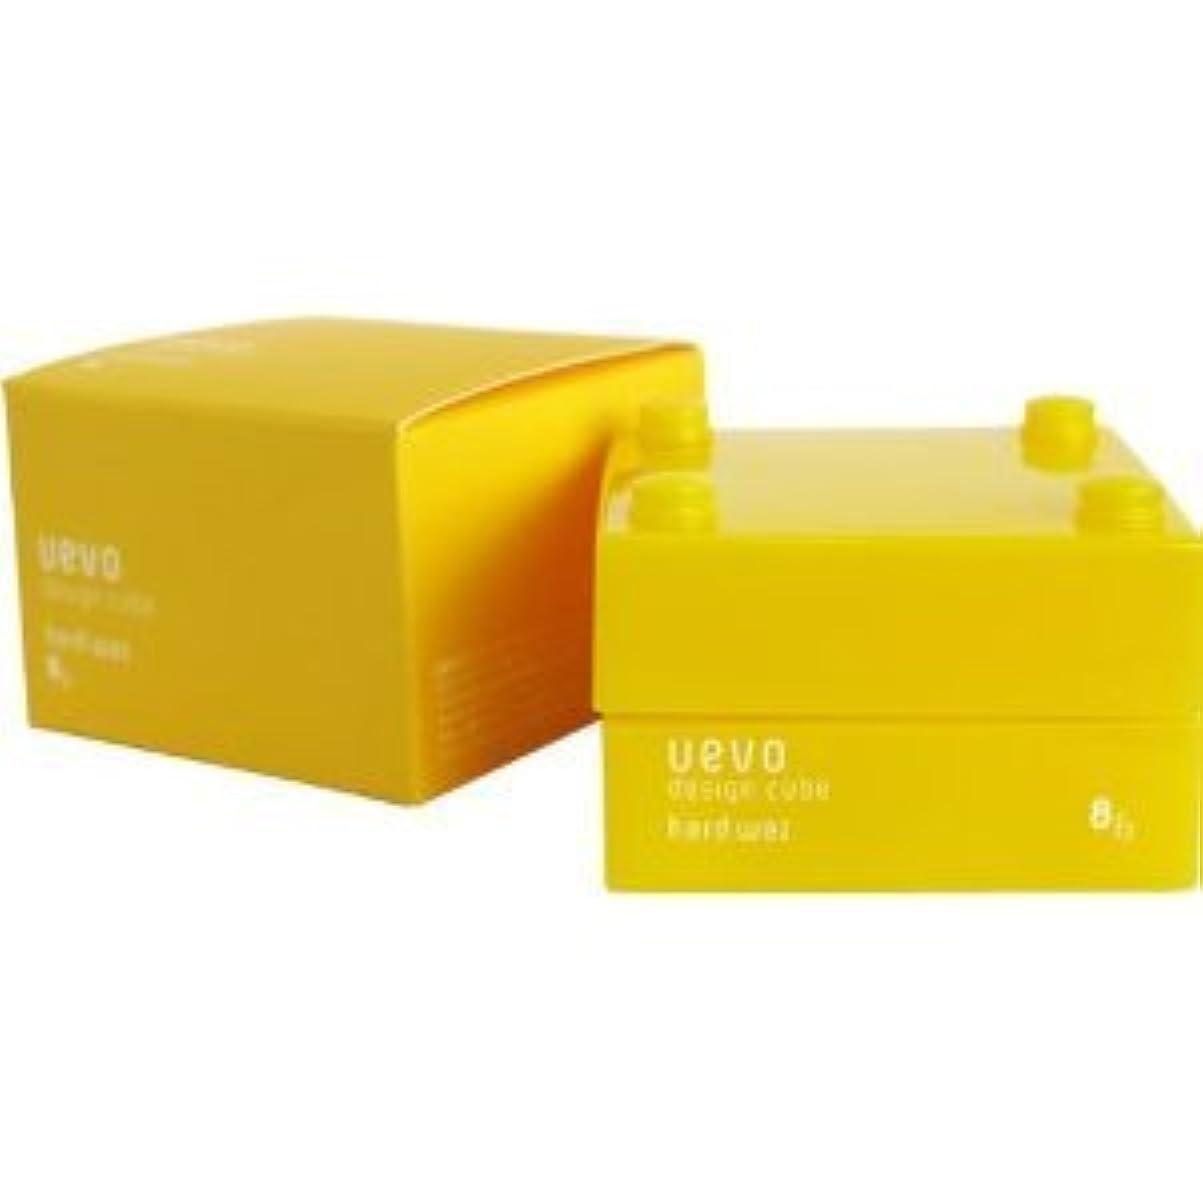 水っぽい案件ピンチ【X2個セット】 デミ ウェーボ デザインキューブ ハードワックス 30g hard wax DEMI uevo design cube